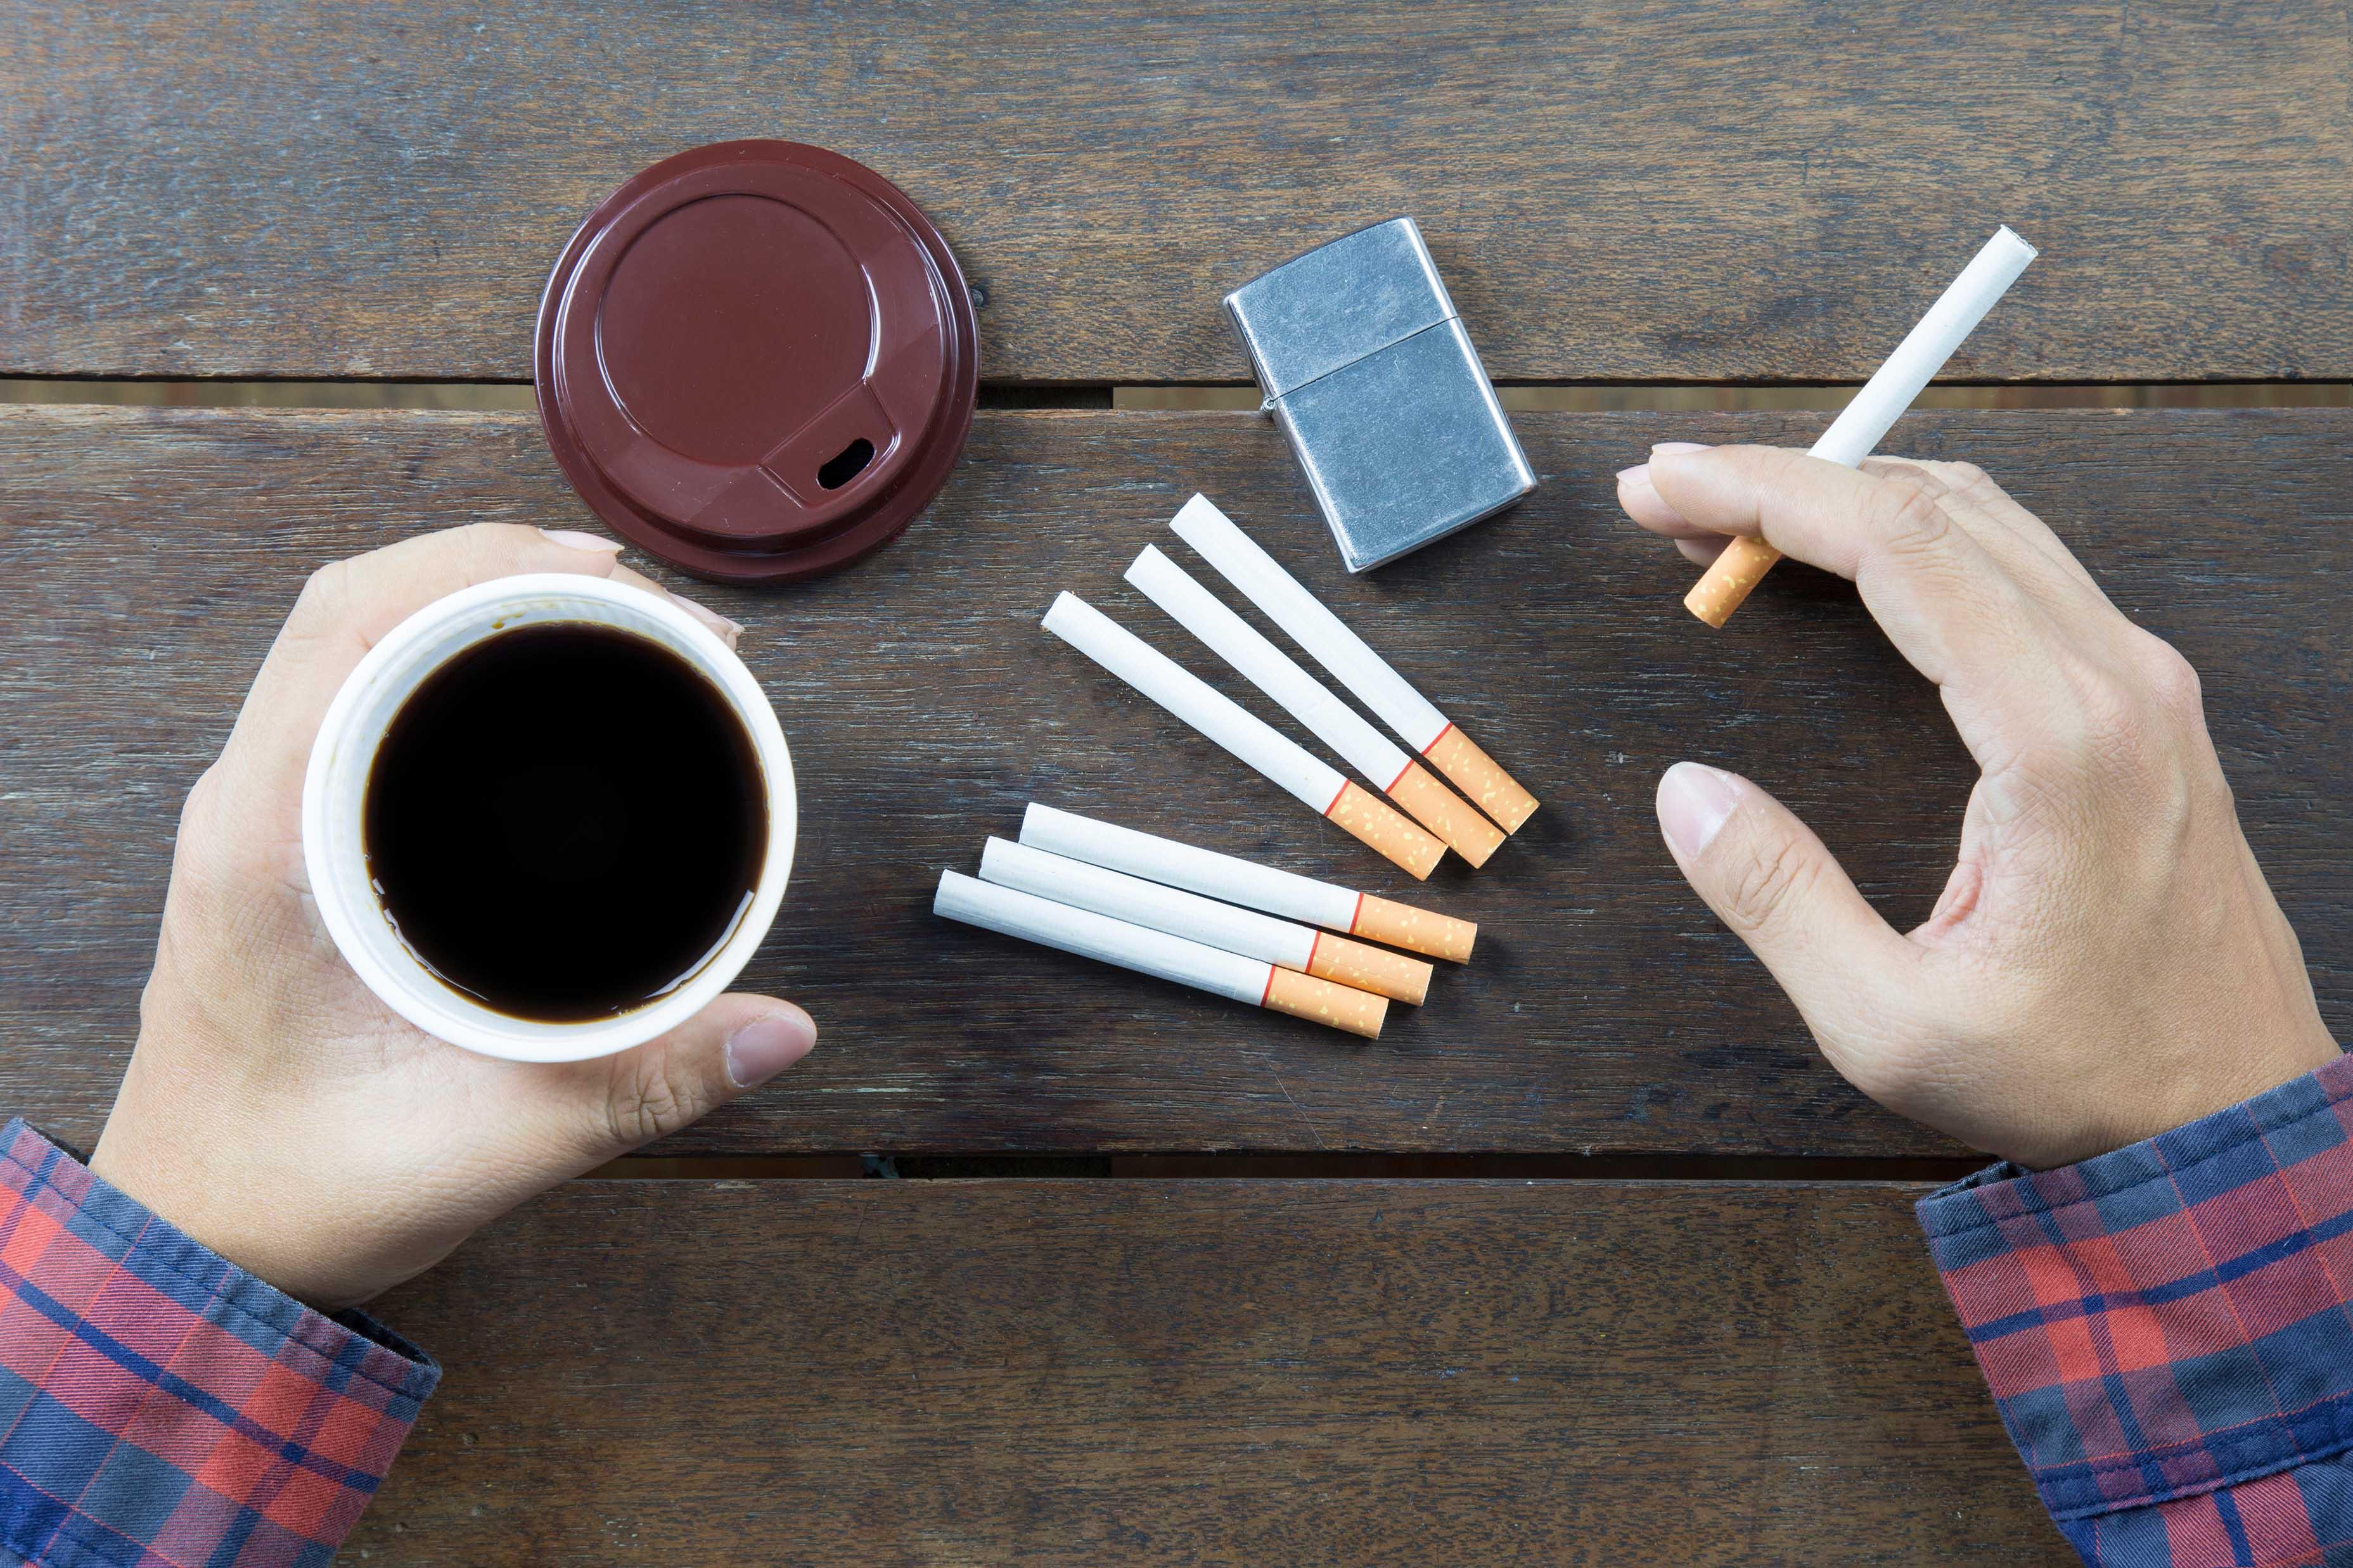 咖啡因、尼古丁和酒精會影響睡眠